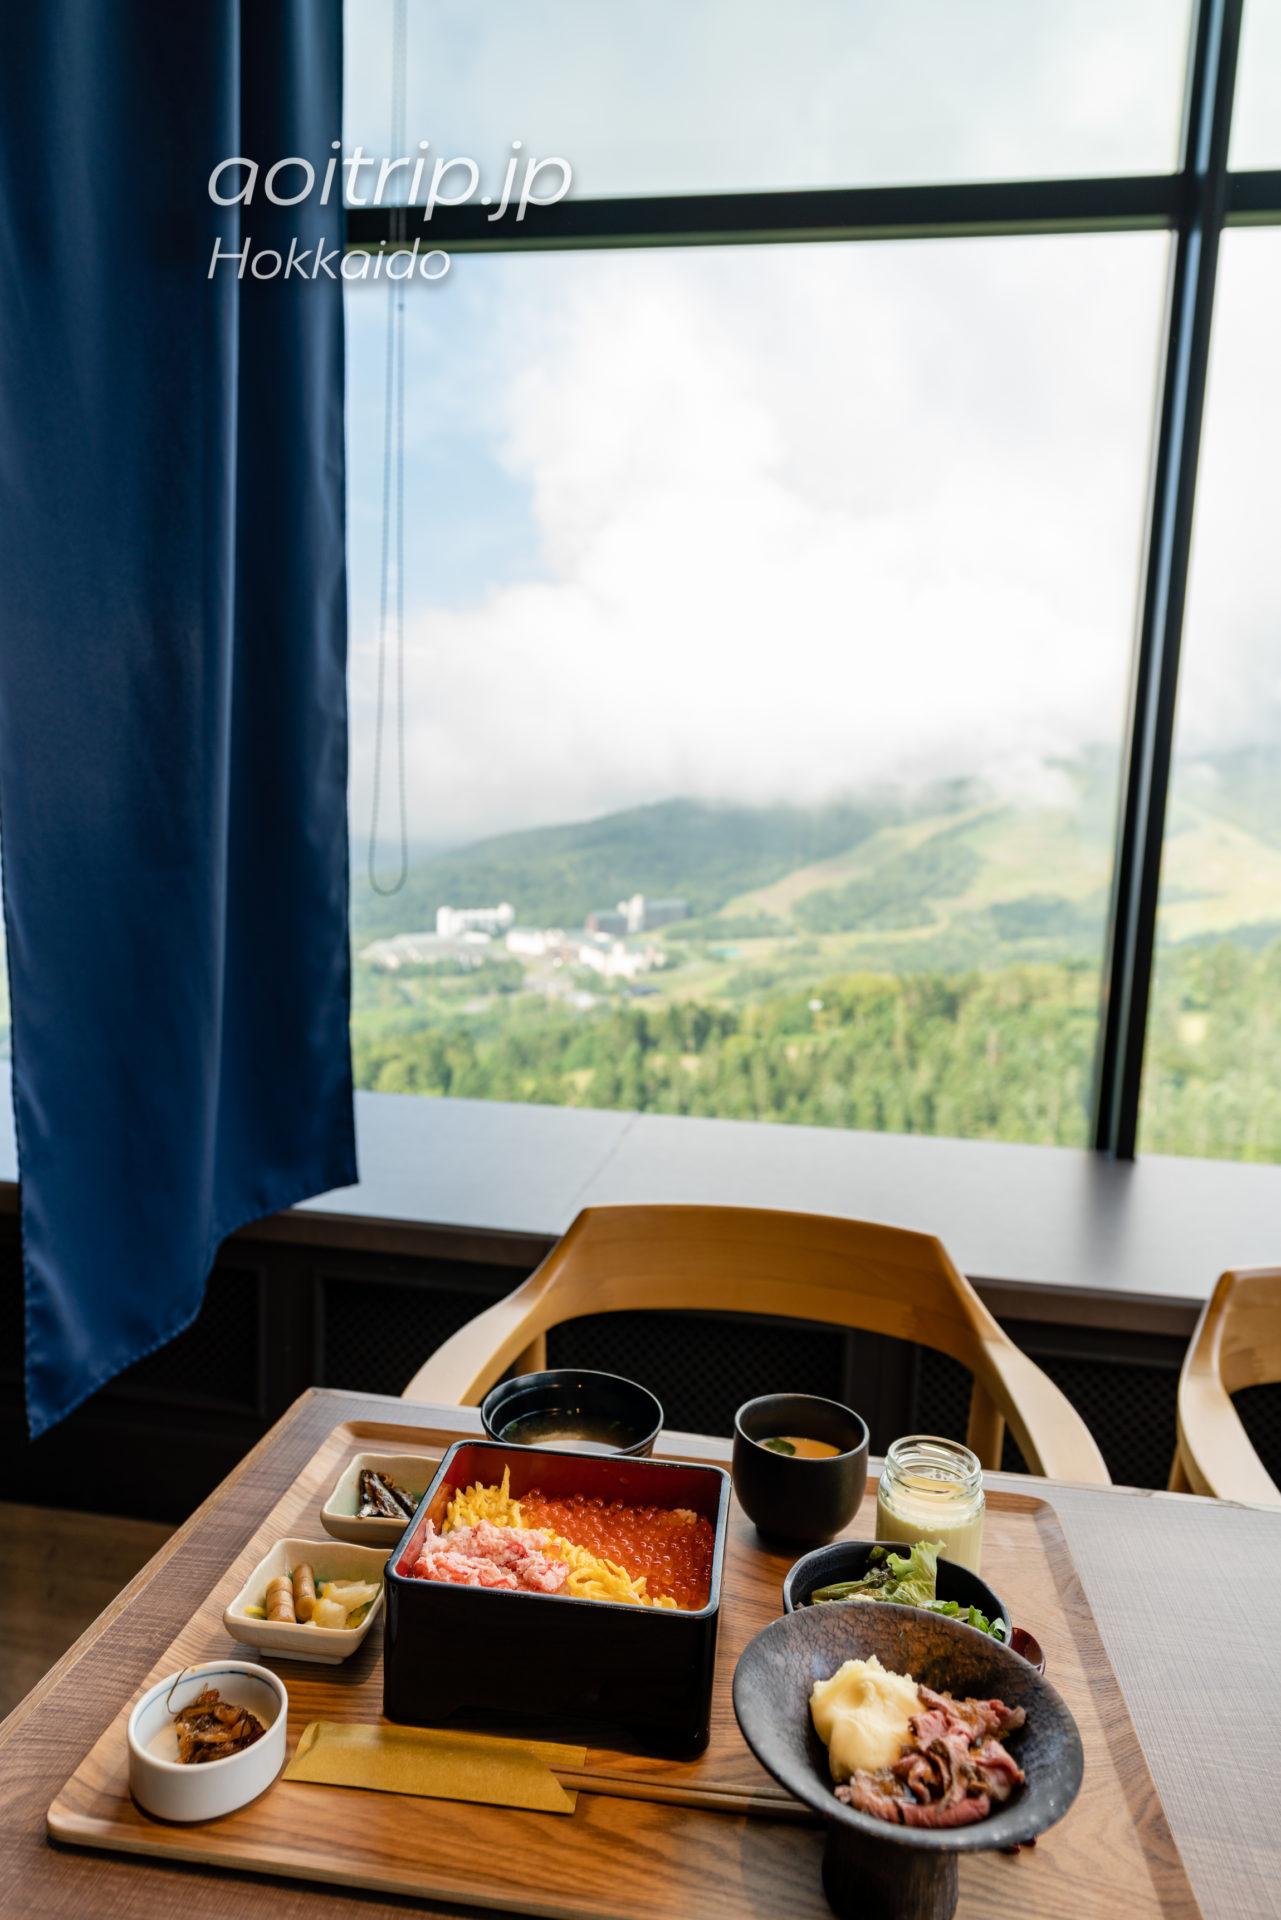 星野リゾートトマム しゃぶしゃぶ天空(SORA)の朝食